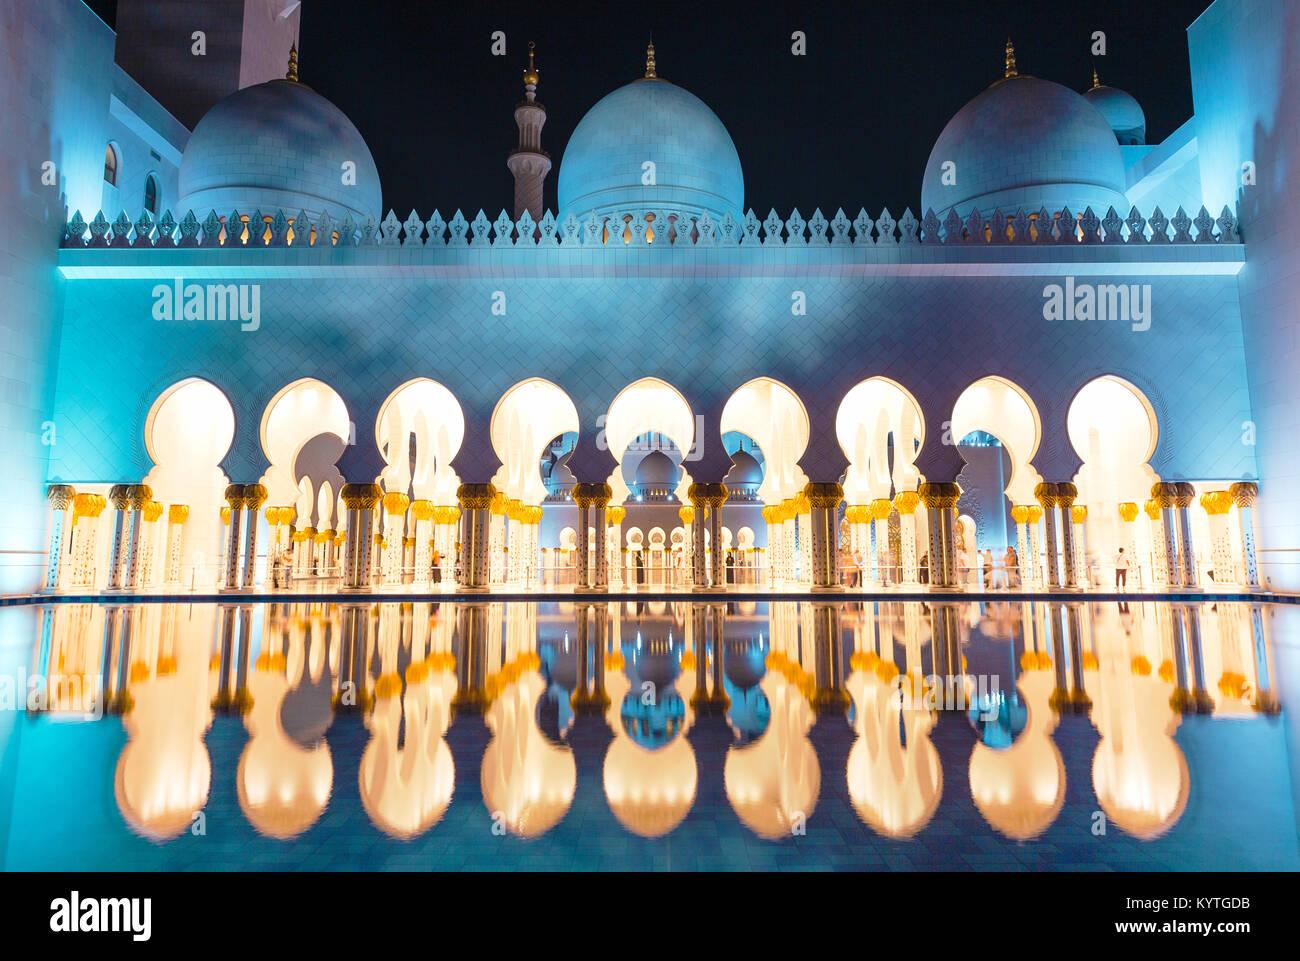 Sheik Zayed de Abu Dhabi gran mezquita de noche. Arabian Nights. imaginación soñadora maravilla del mundo. Imagen De Stock